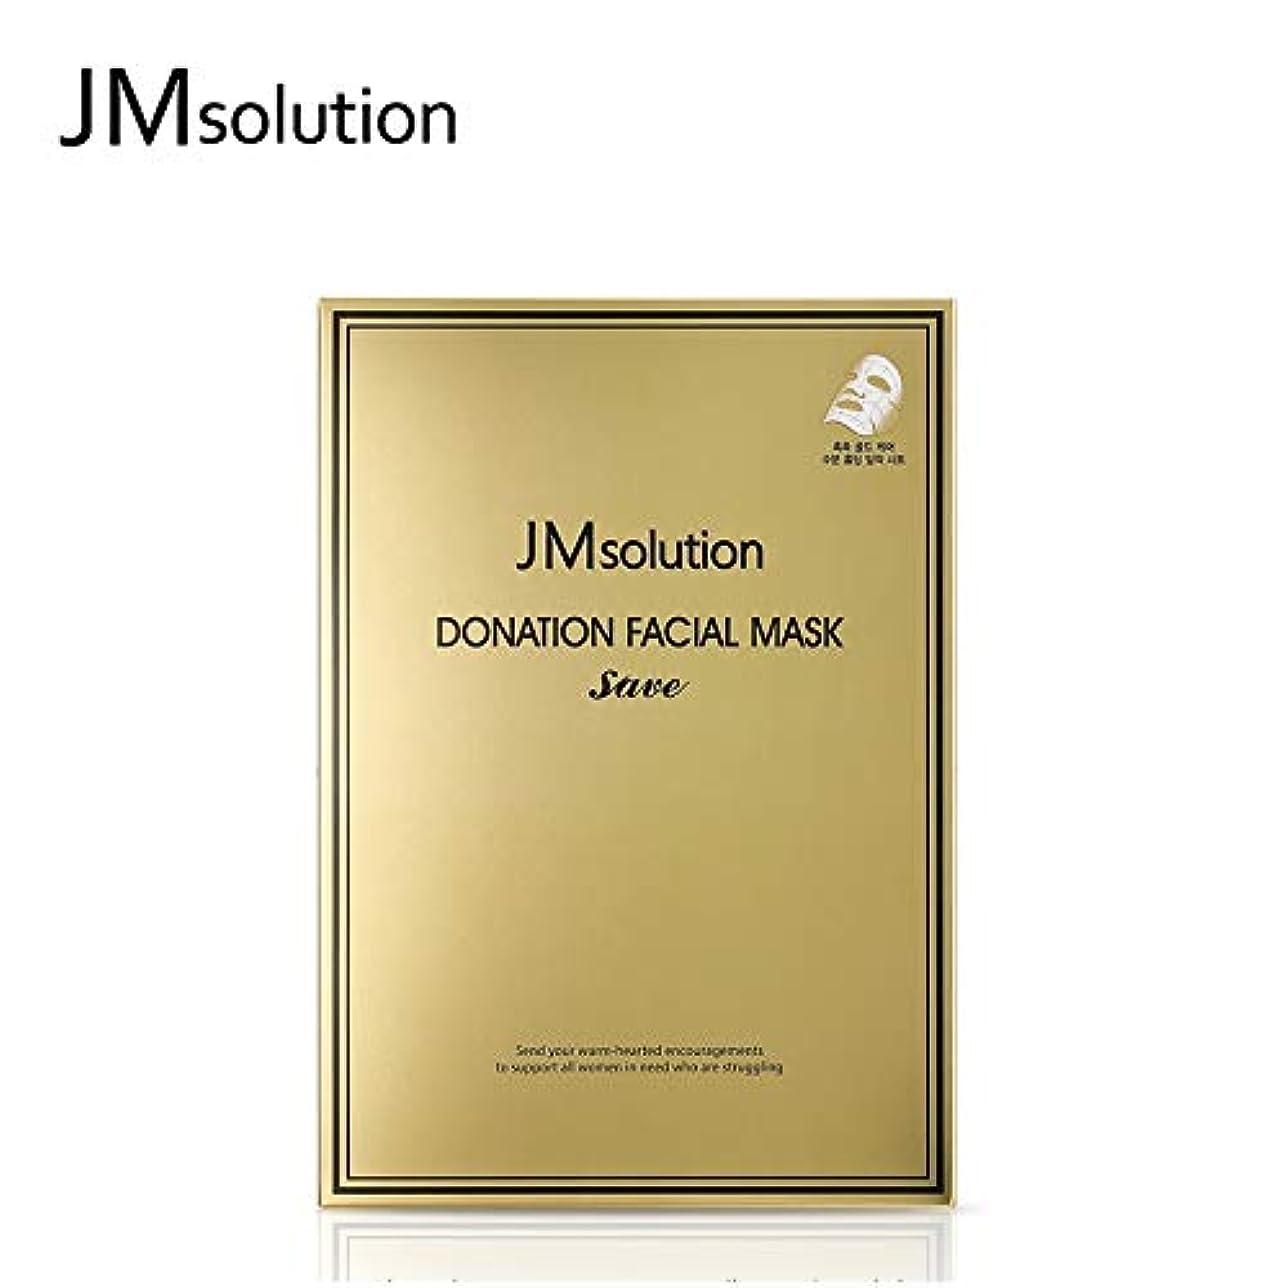 集中下に向けます省略[JM Solution/JMソリューション] Donation Facial Masks - Save/顔シートマスクセット 10Sheets [韓国産 ]